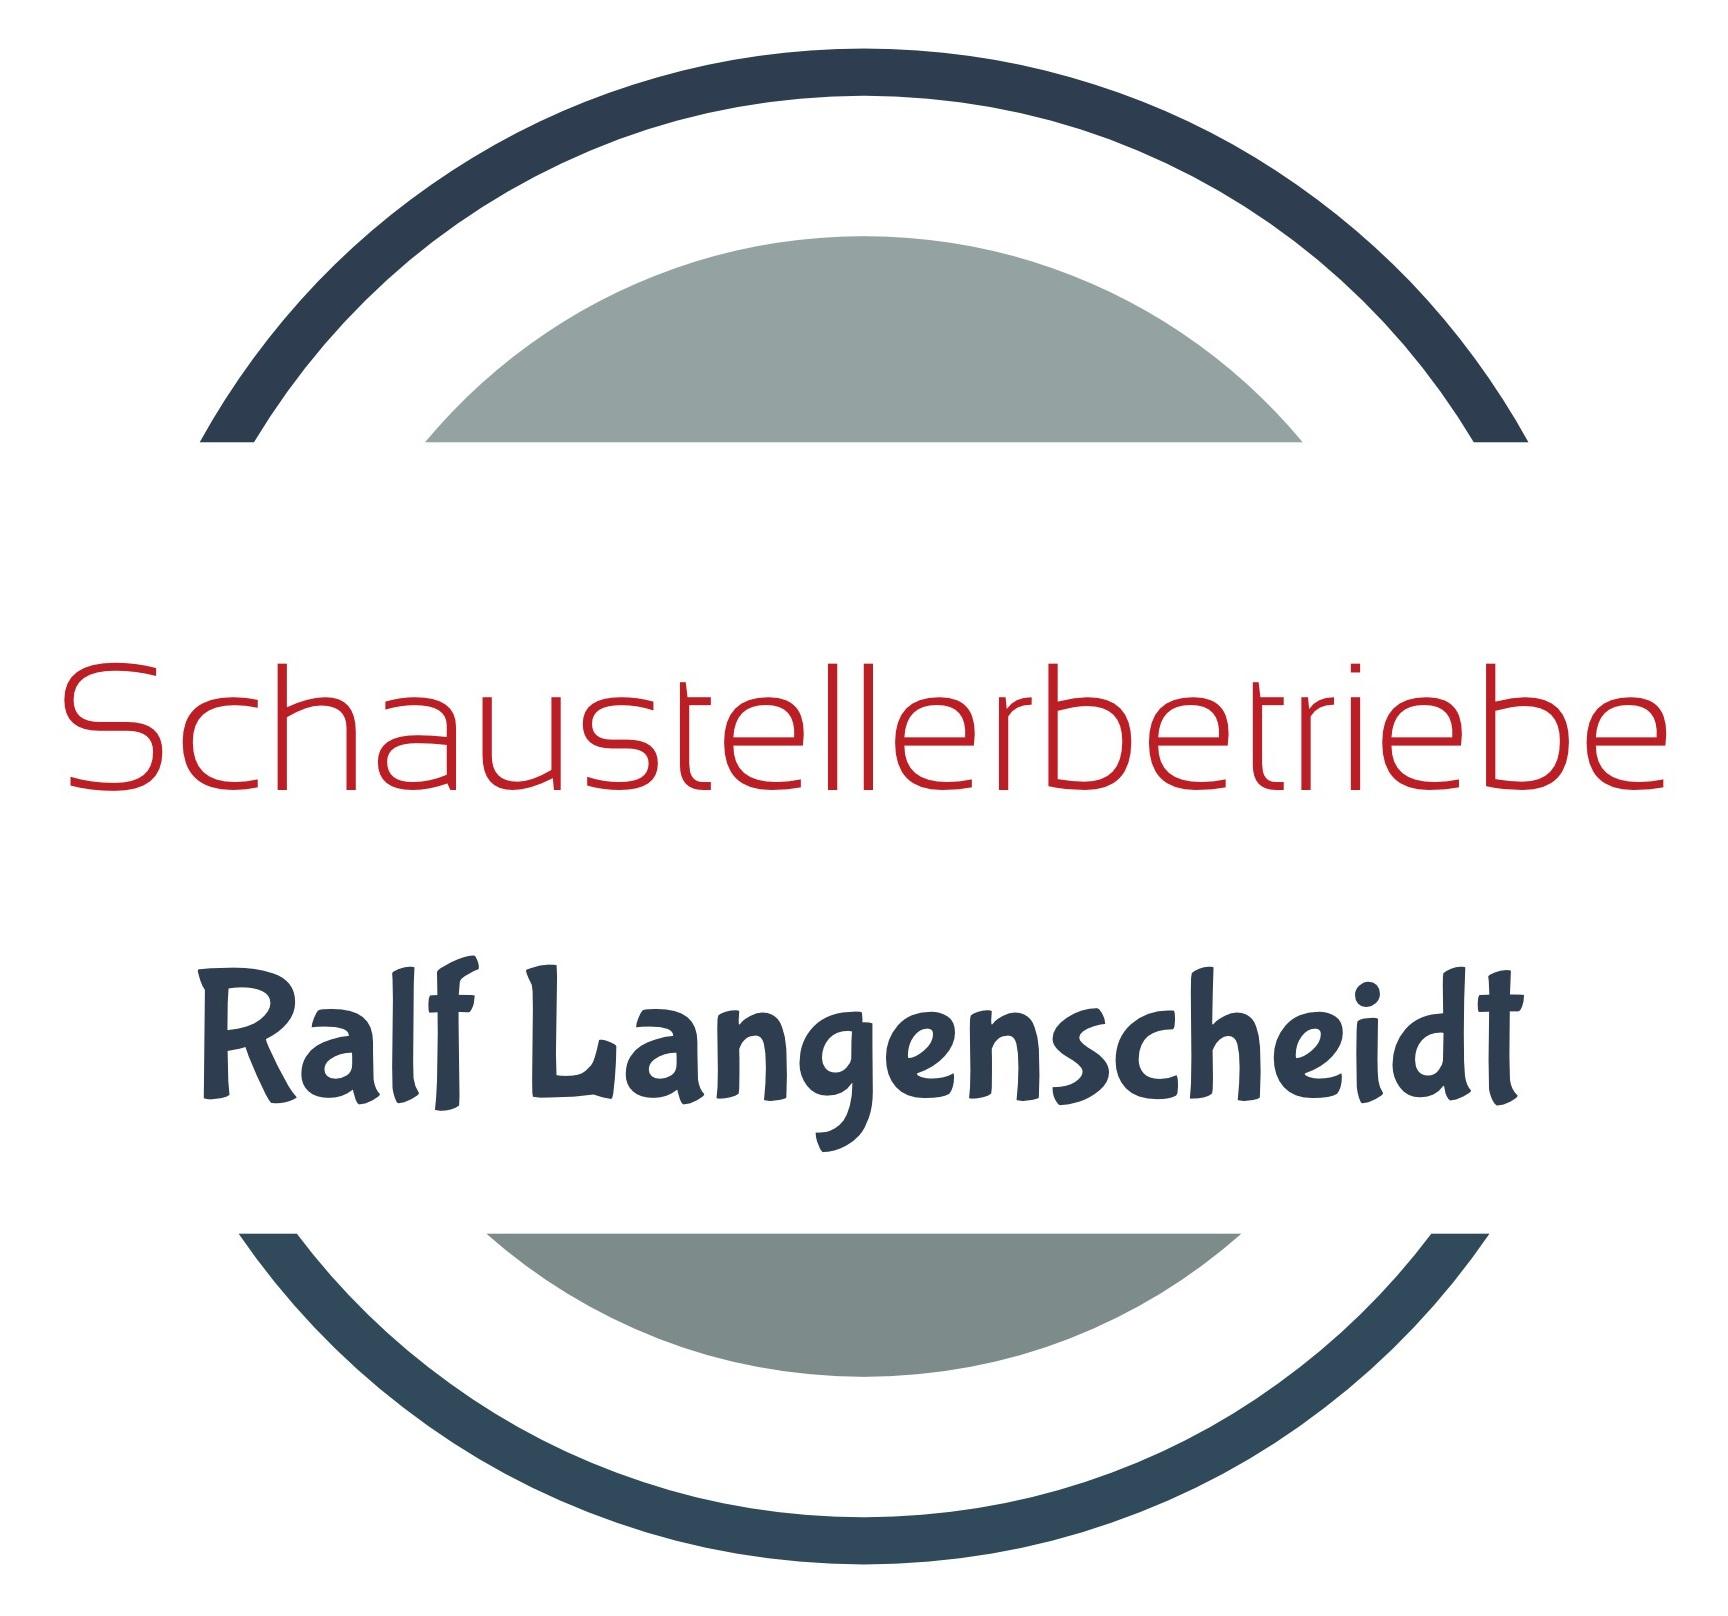 Schaustellerbetriebe Ralf Langenscheidt